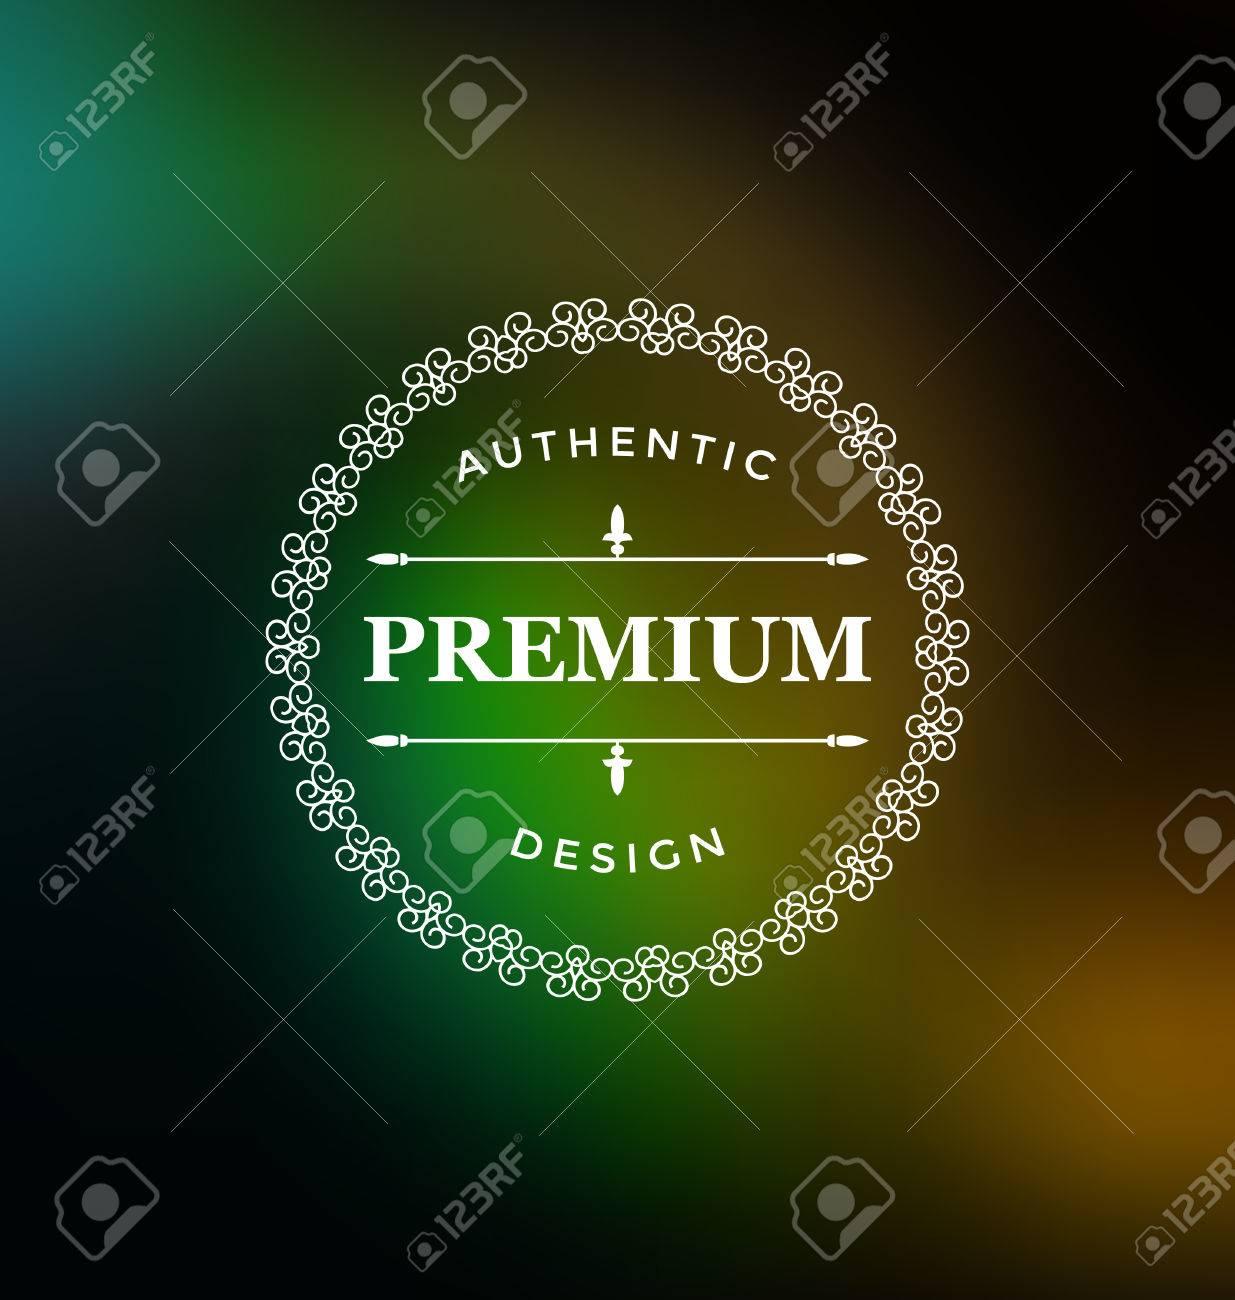 8689b4e7a15e Banque d images - Calligraphique de conception d étiquettes Modèle -  Classique Style ornemental. Cadre élégant et de la typographie sur fond  coloré - logo ...